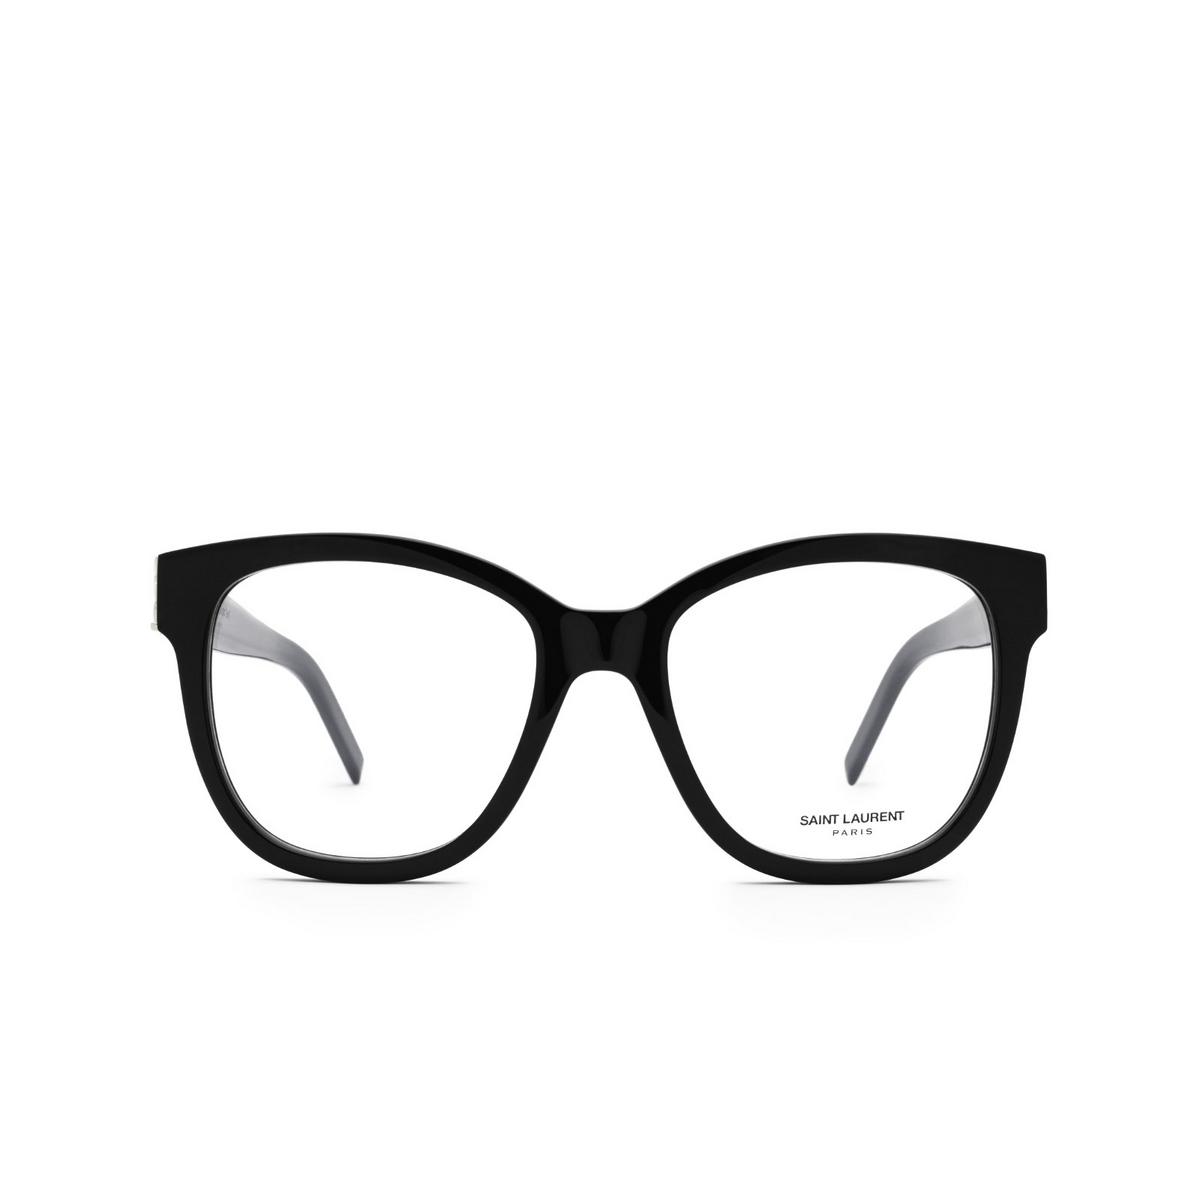 Saint Laurent® Square Eyeglasses: SL M97 color Black 001 - front view.